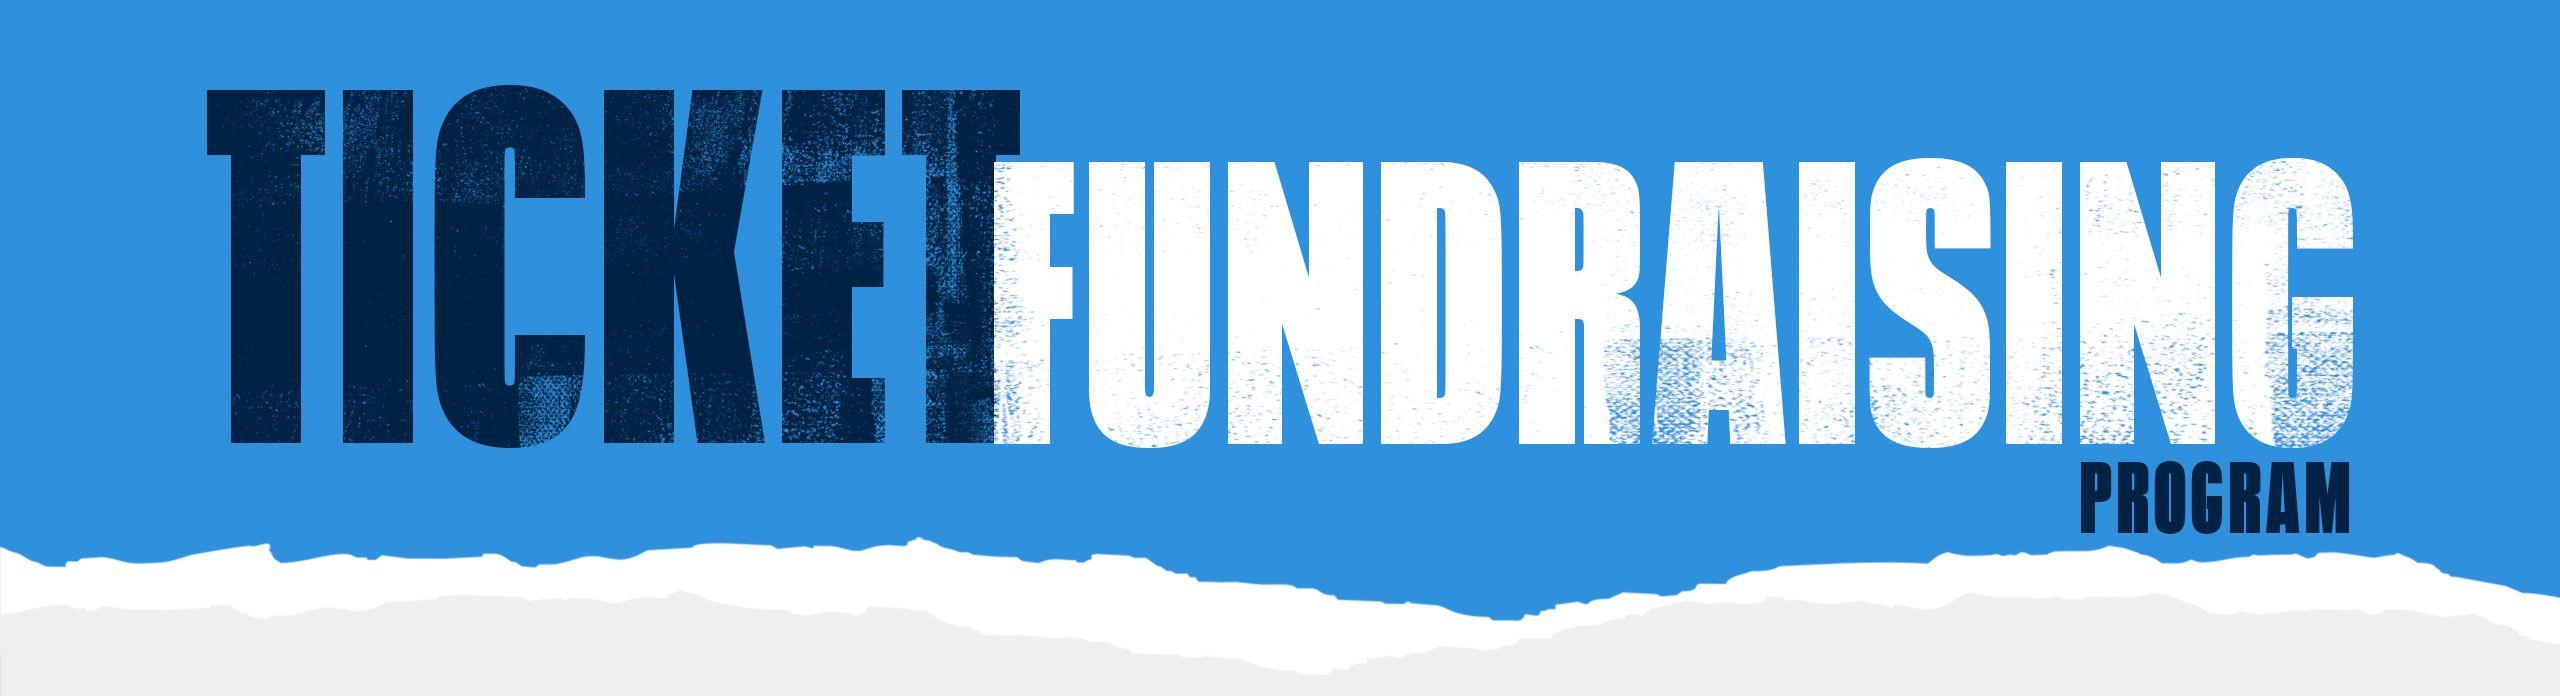 ticket-fundraising-program